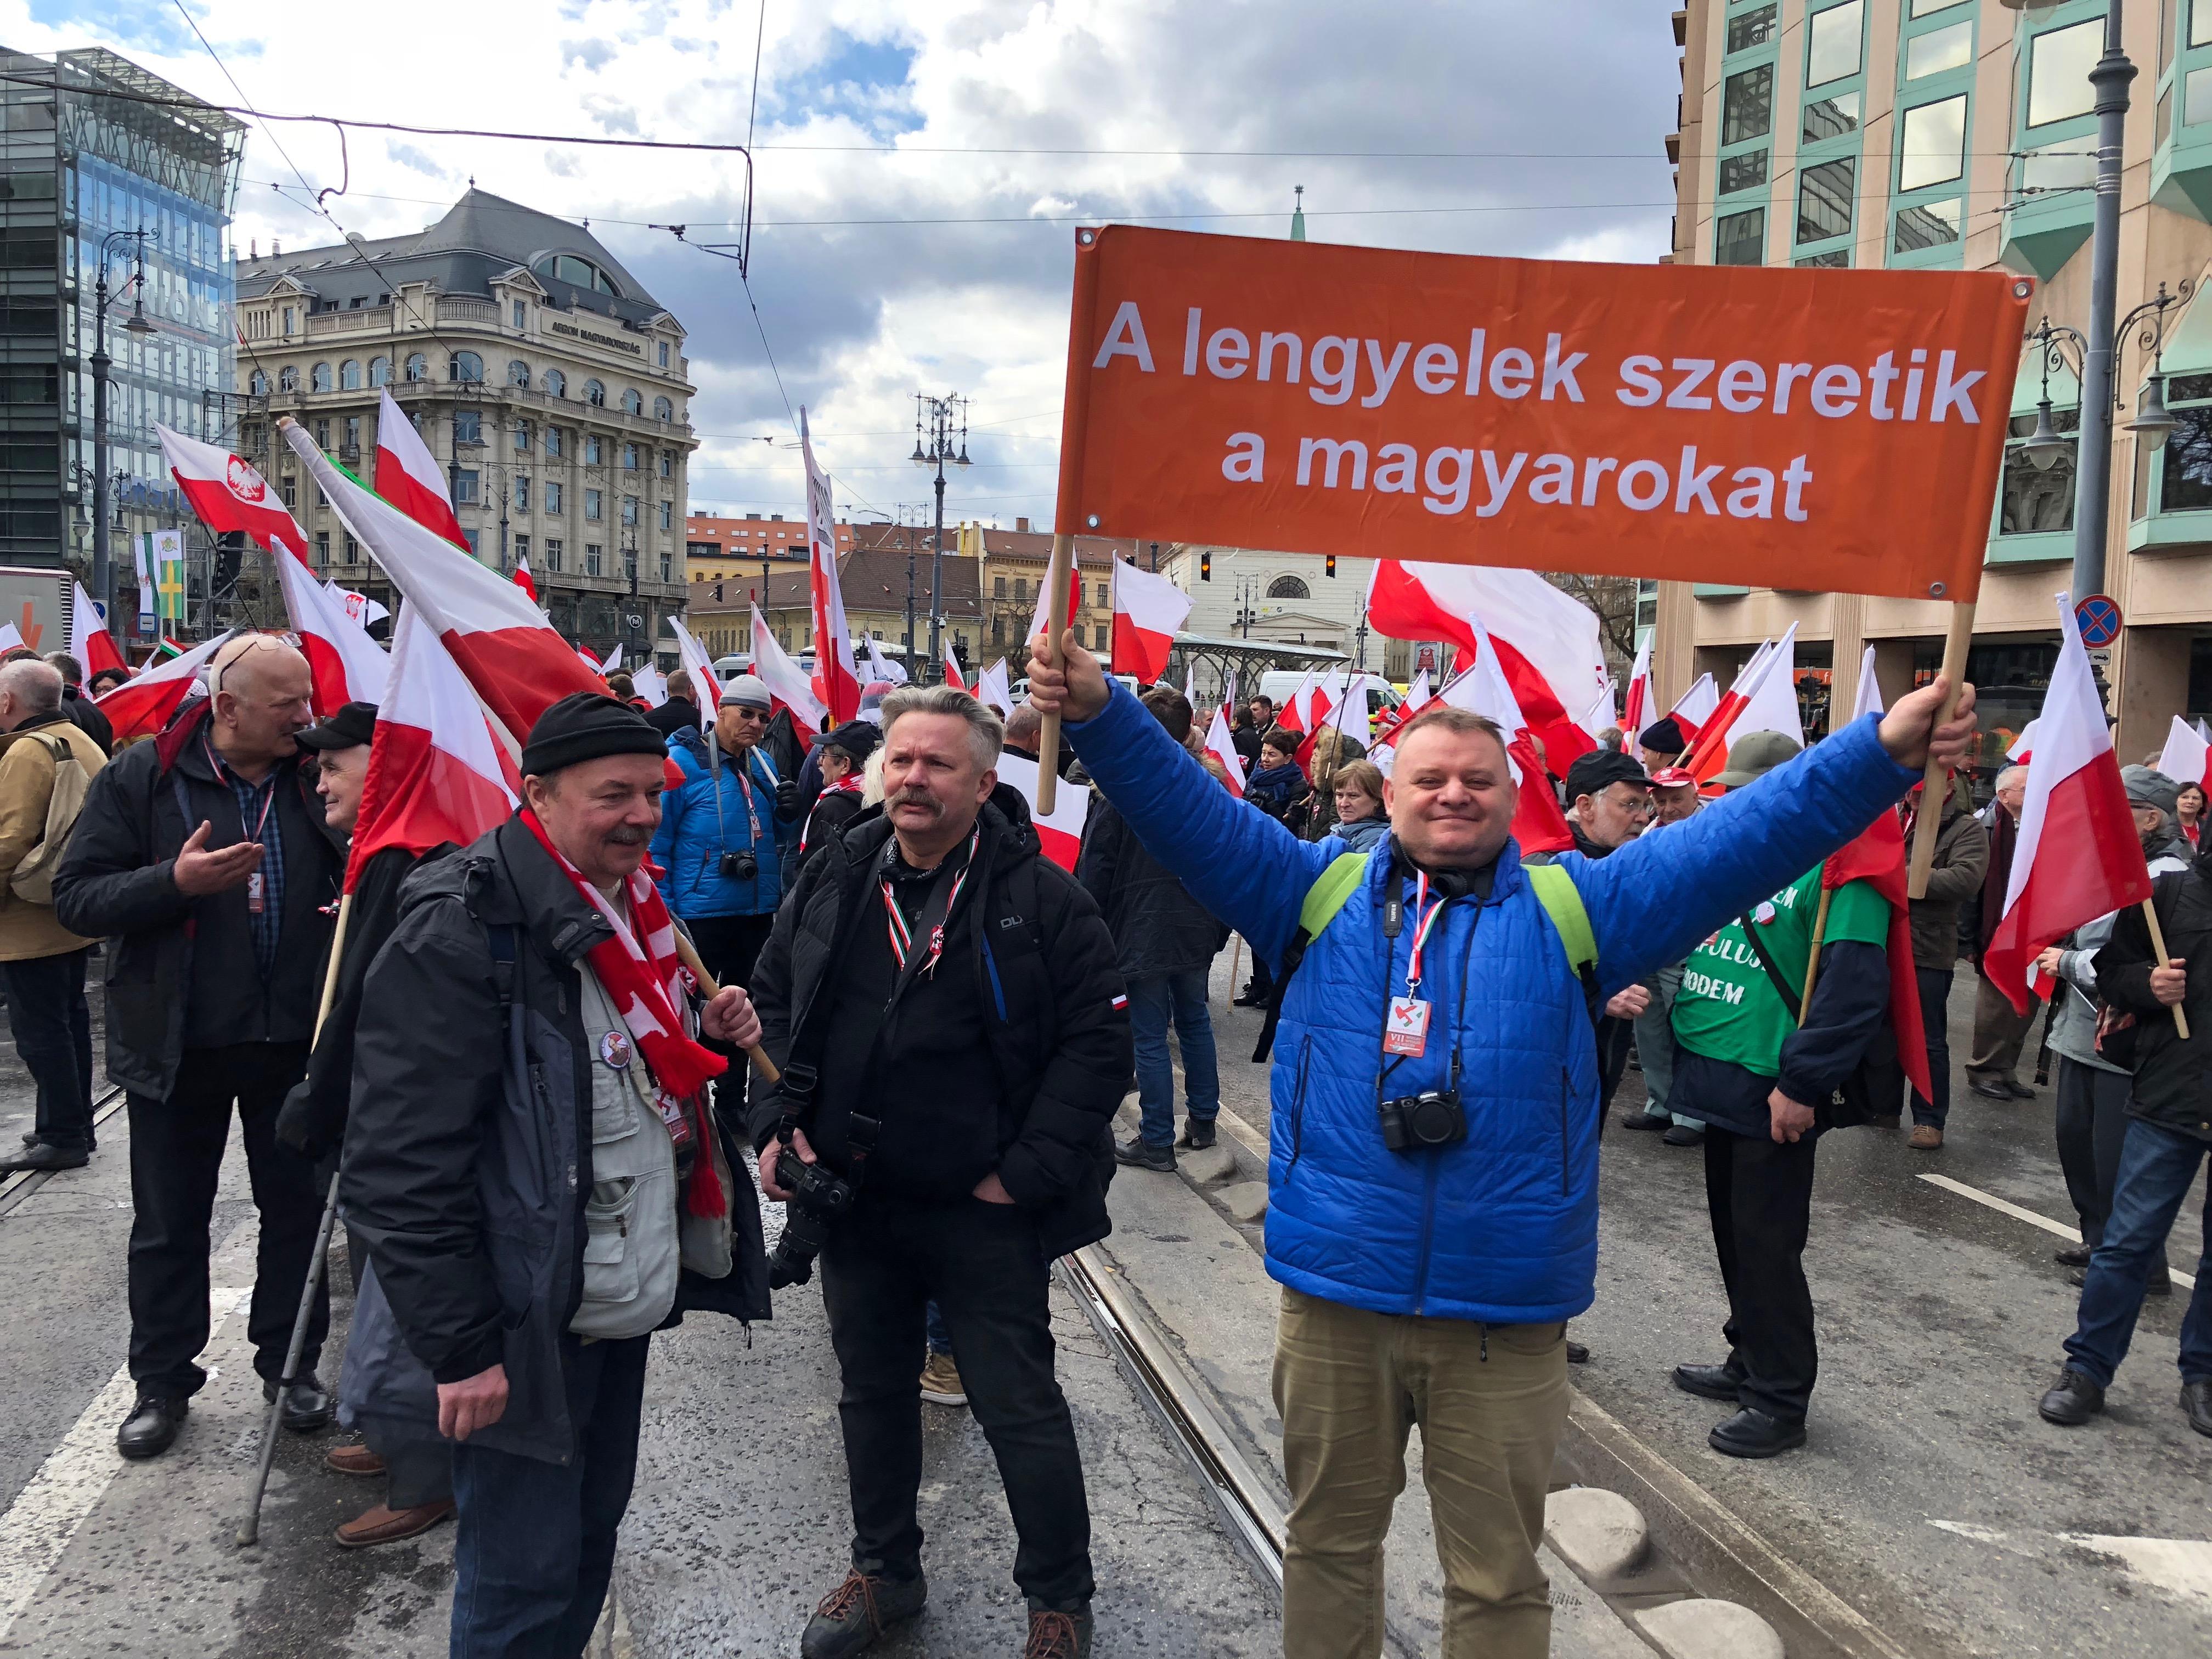 A koronavírus miatt nem jön lengyel különvonat a március 15-i ünnepségre